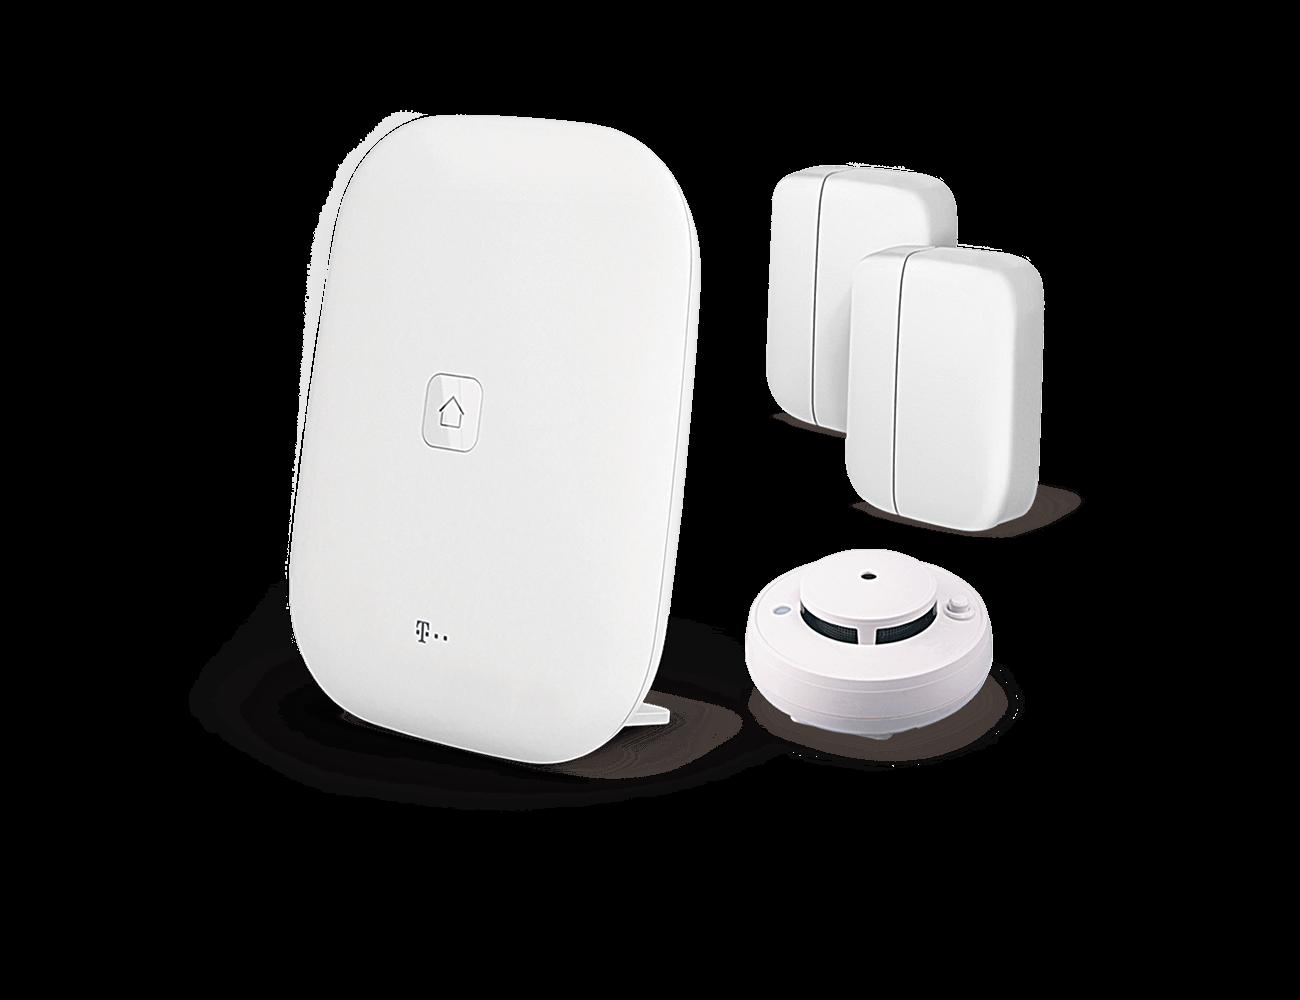 Einsteigerpaket Magenta SmartHome inkl. Rauchwarnmelder, 2 Fensterkontakten und Homebase (inkl. 24 Mon. App Lizenz)